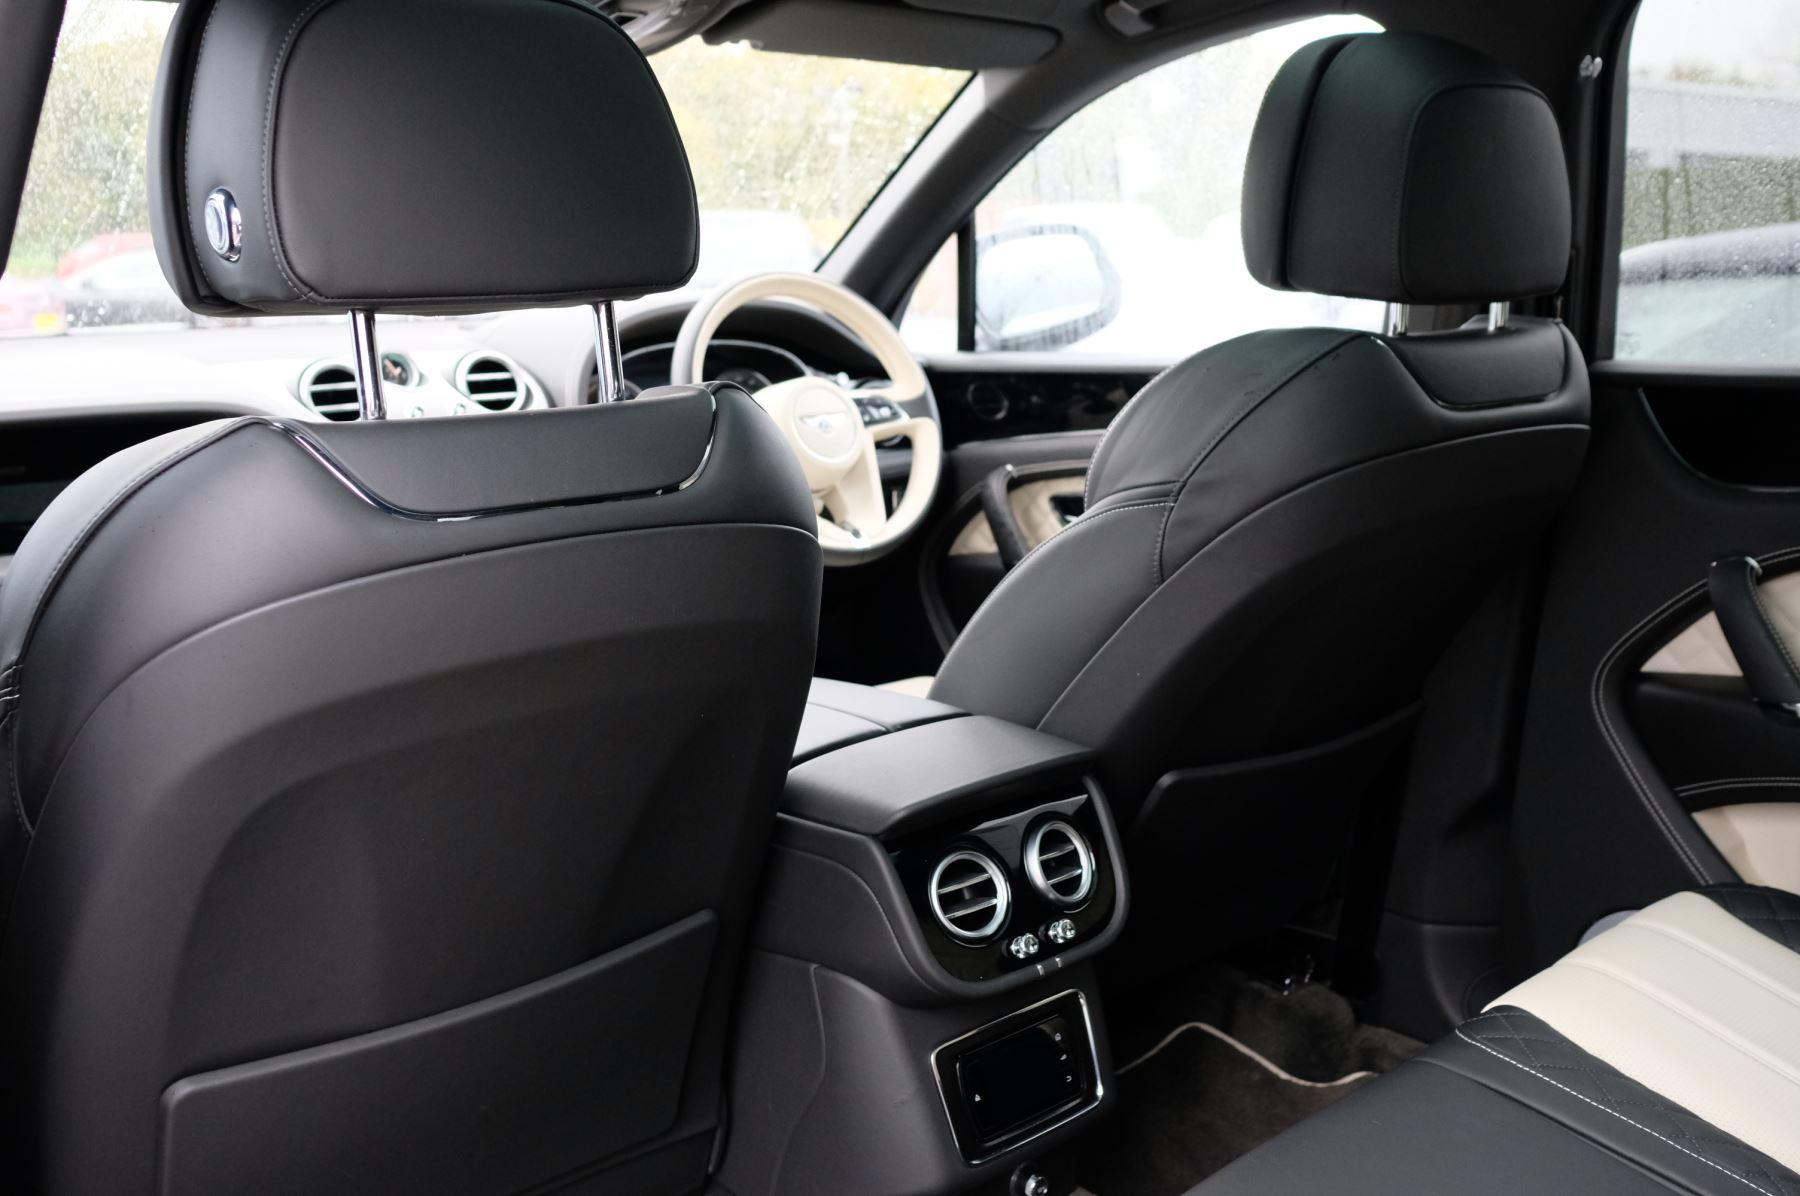 Bentley Bentayga 4.0 V8 5dr - Mulliner Driving Specification image 14